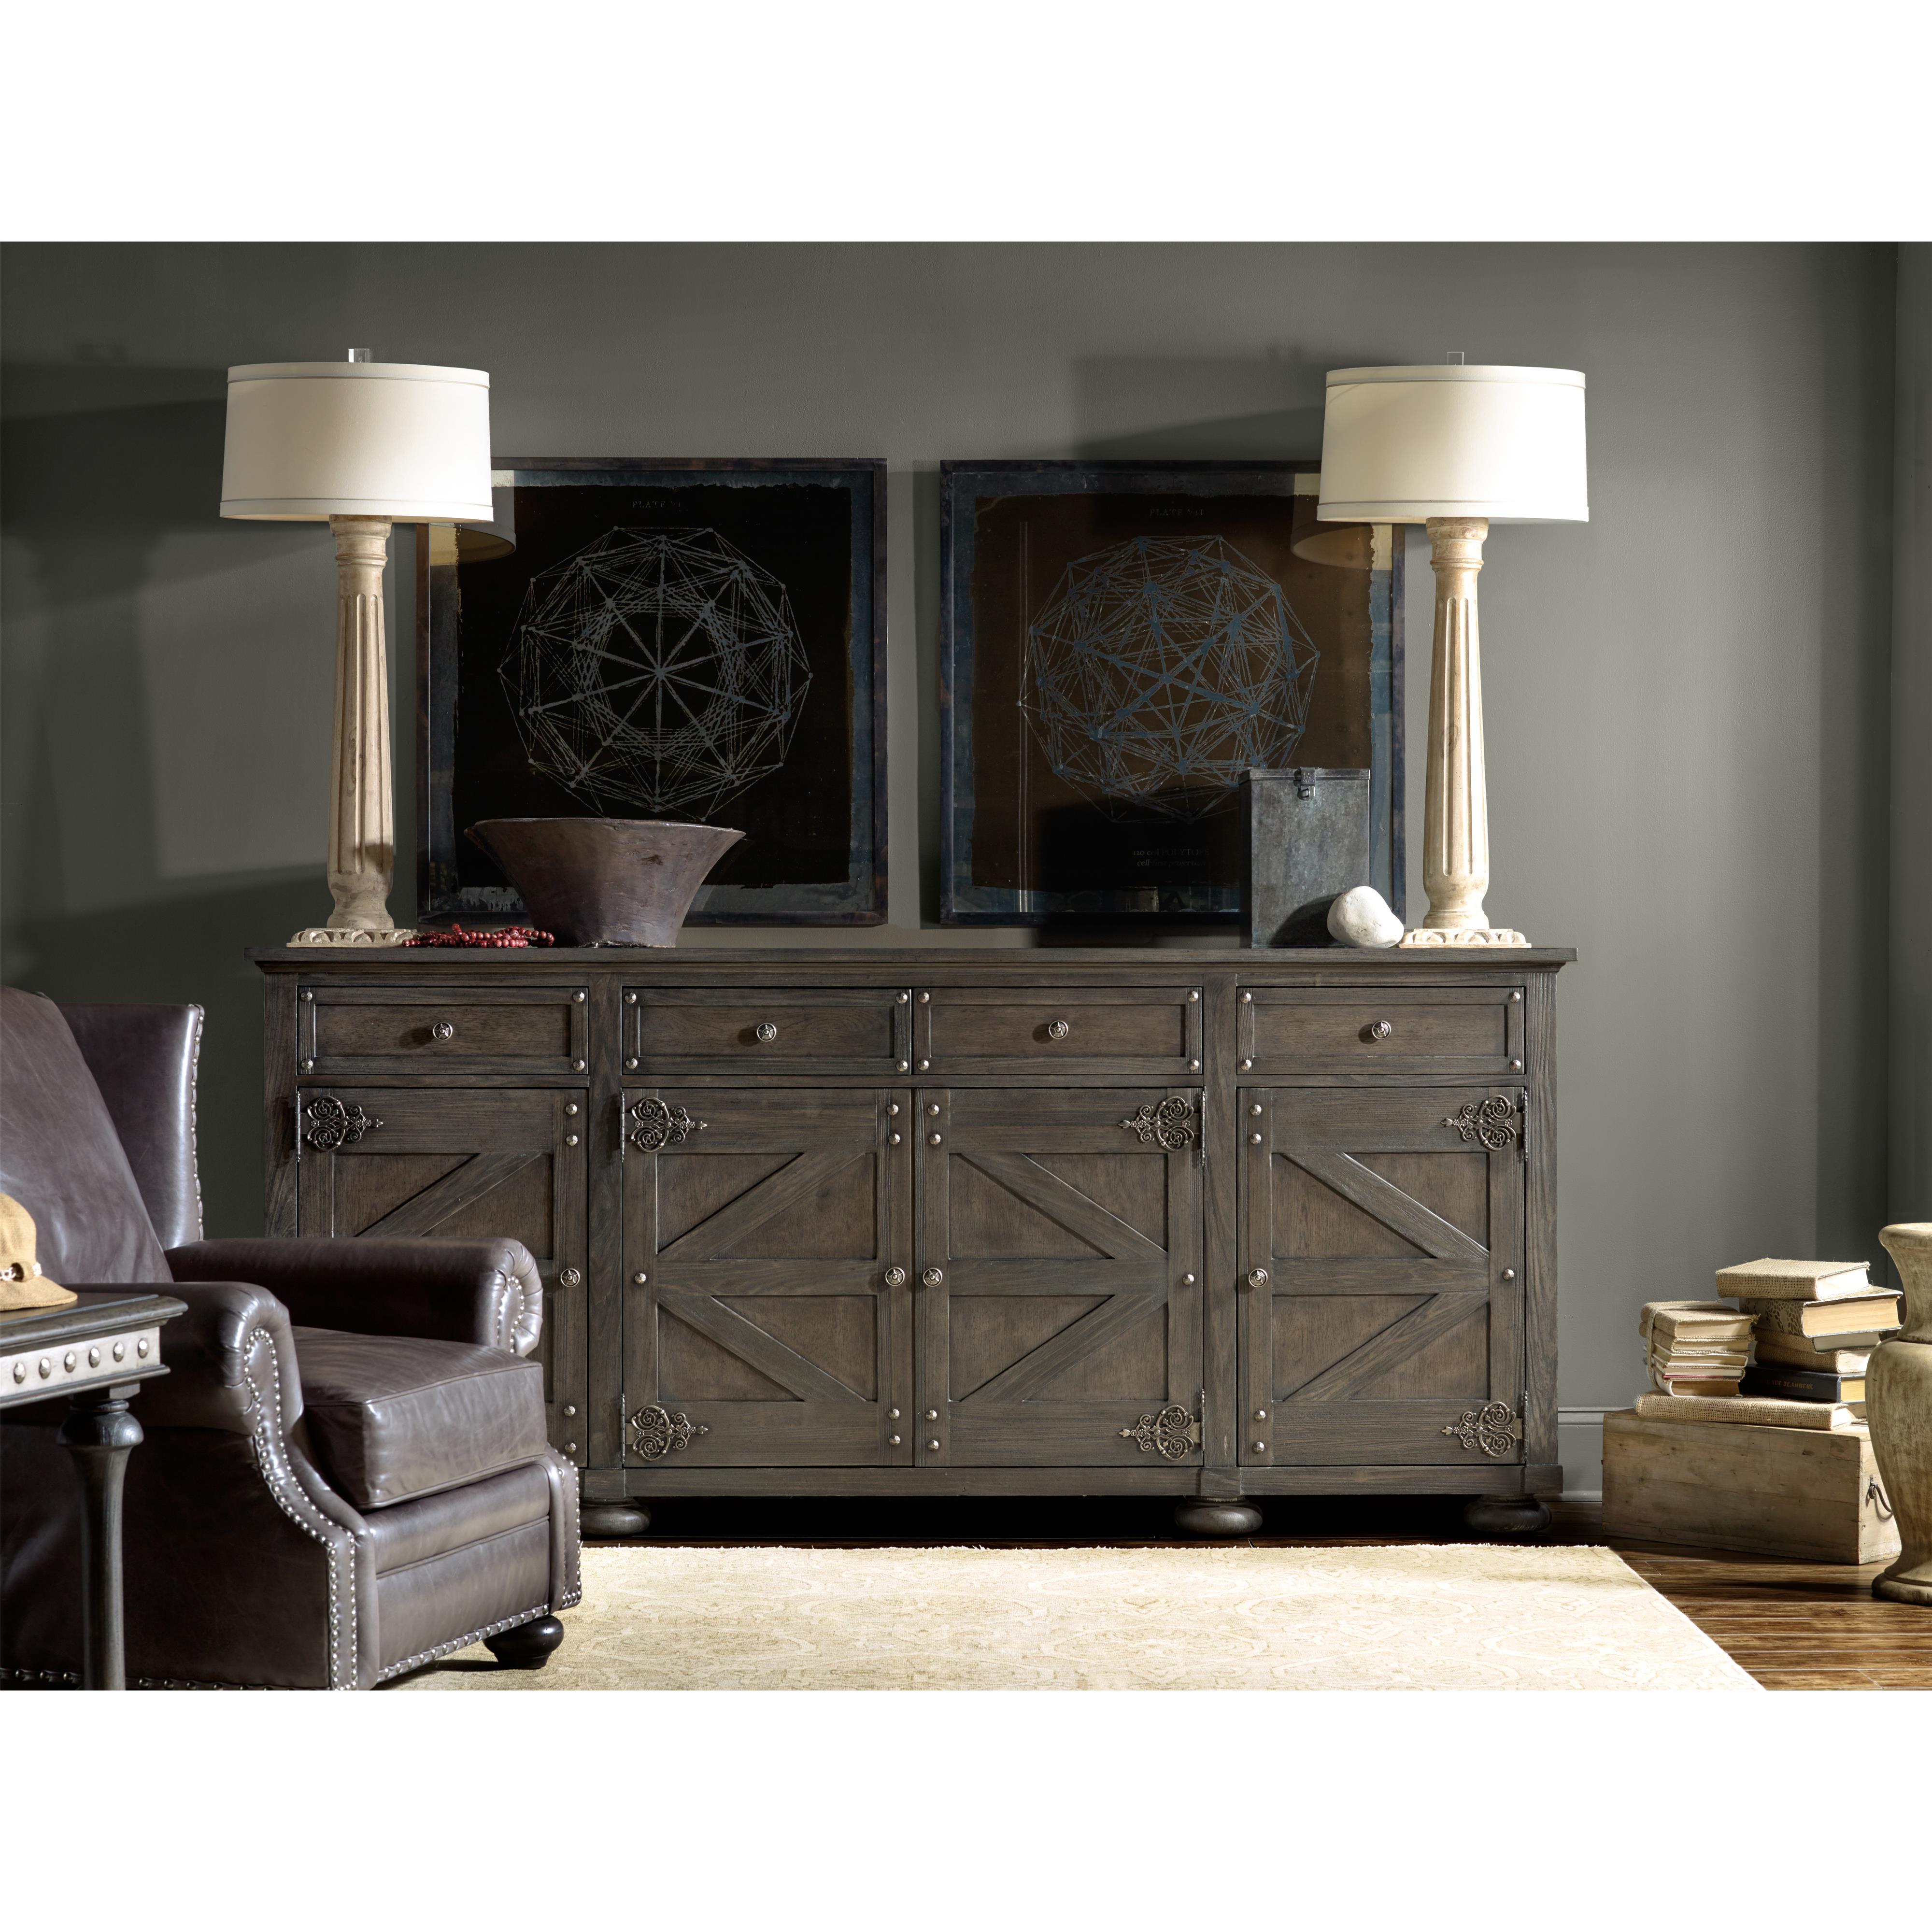 hooker furniture vintage west storage credenza with barn like door design fashion furniture. Black Bedroom Furniture Sets. Home Design Ideas